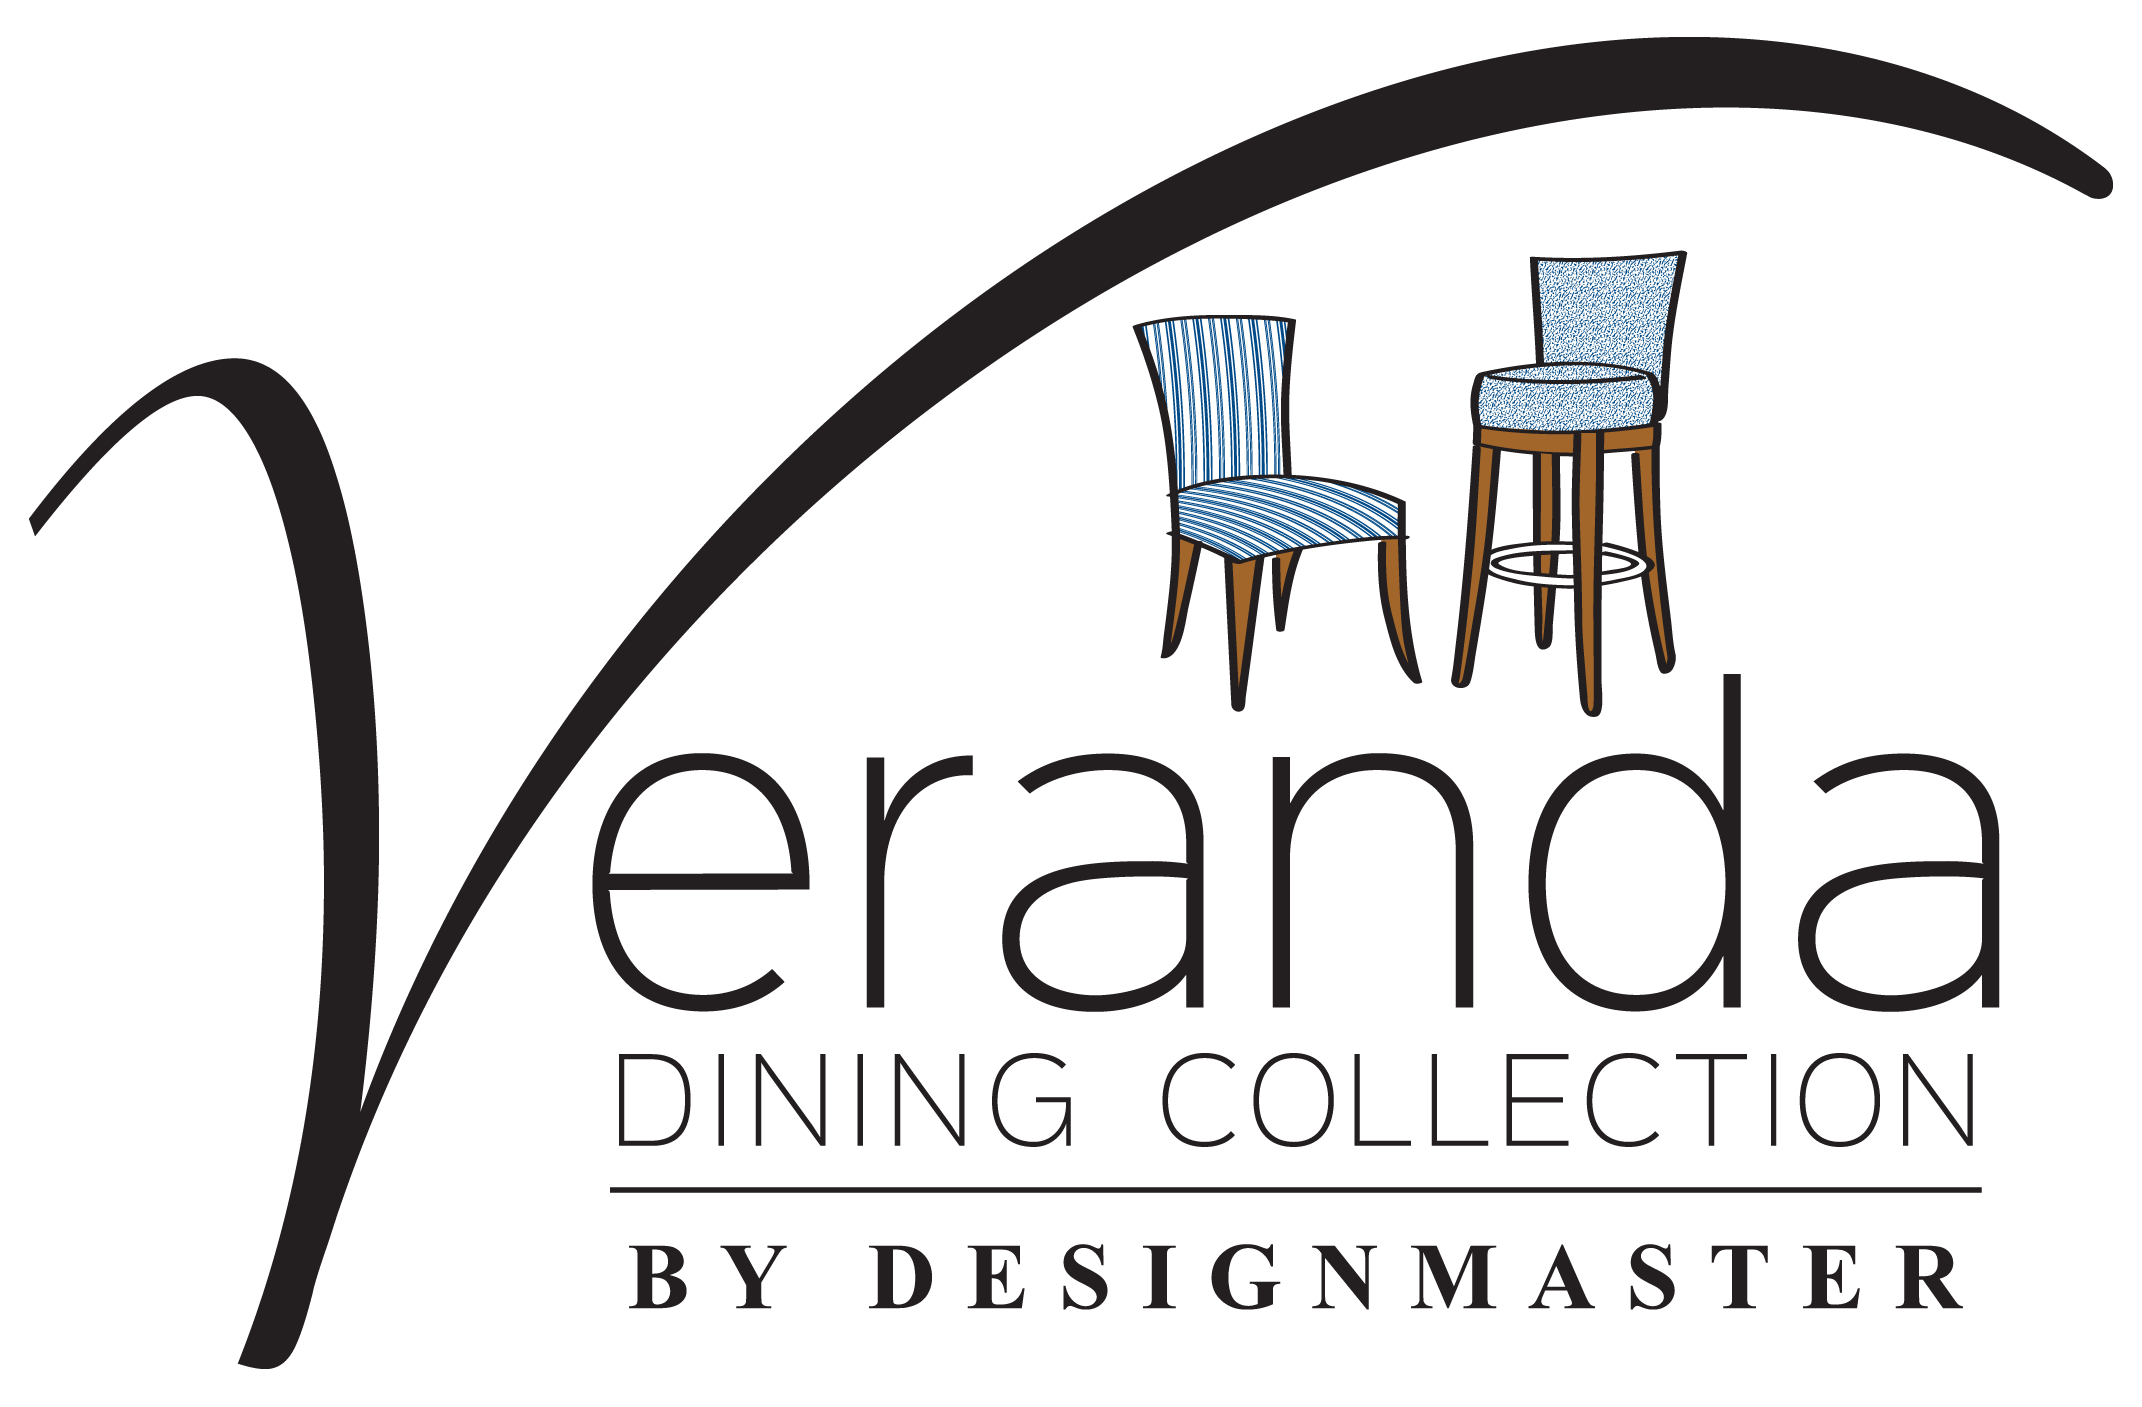 Veranda Dining Collection logo